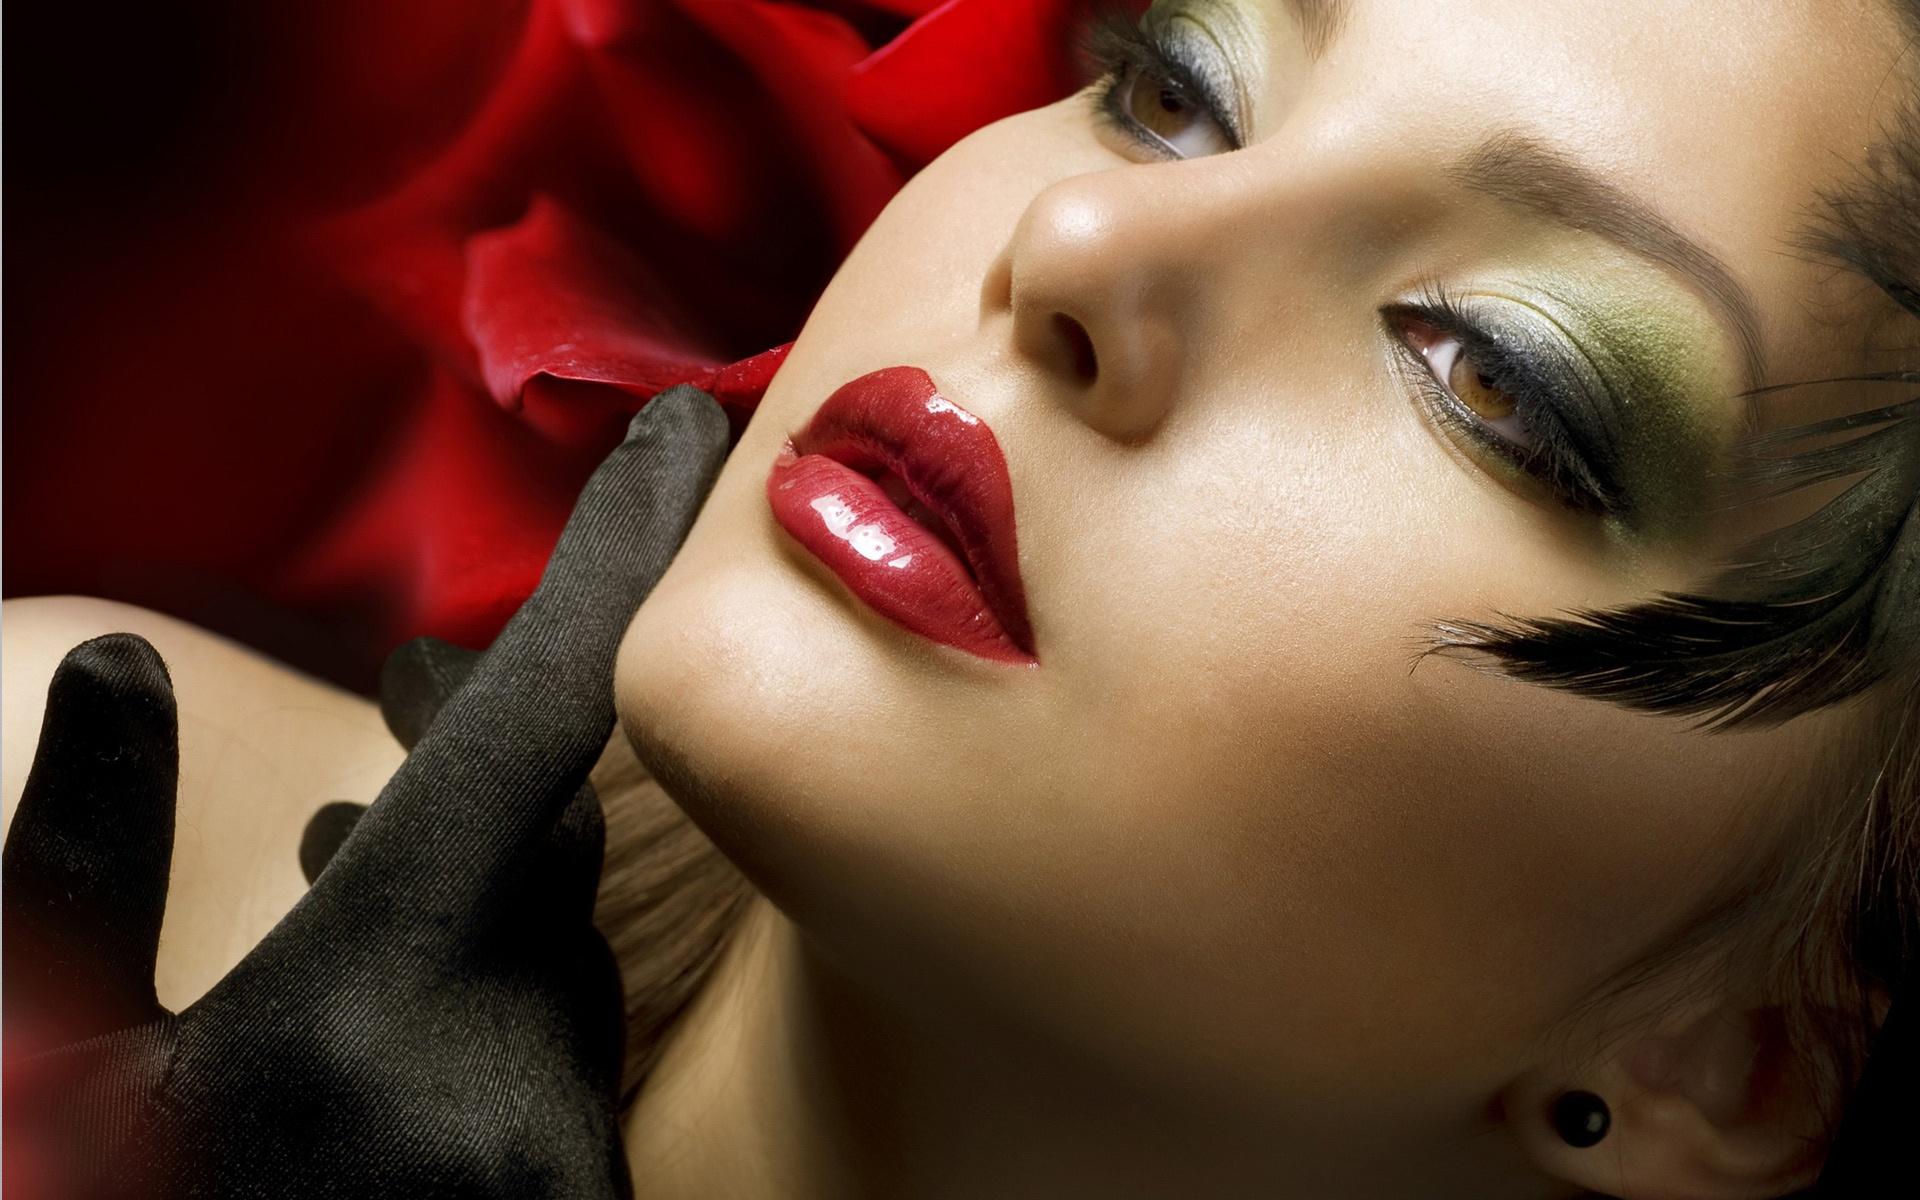 Sensual Lip Beautiful Model - Sensual Lip Beautiful Model